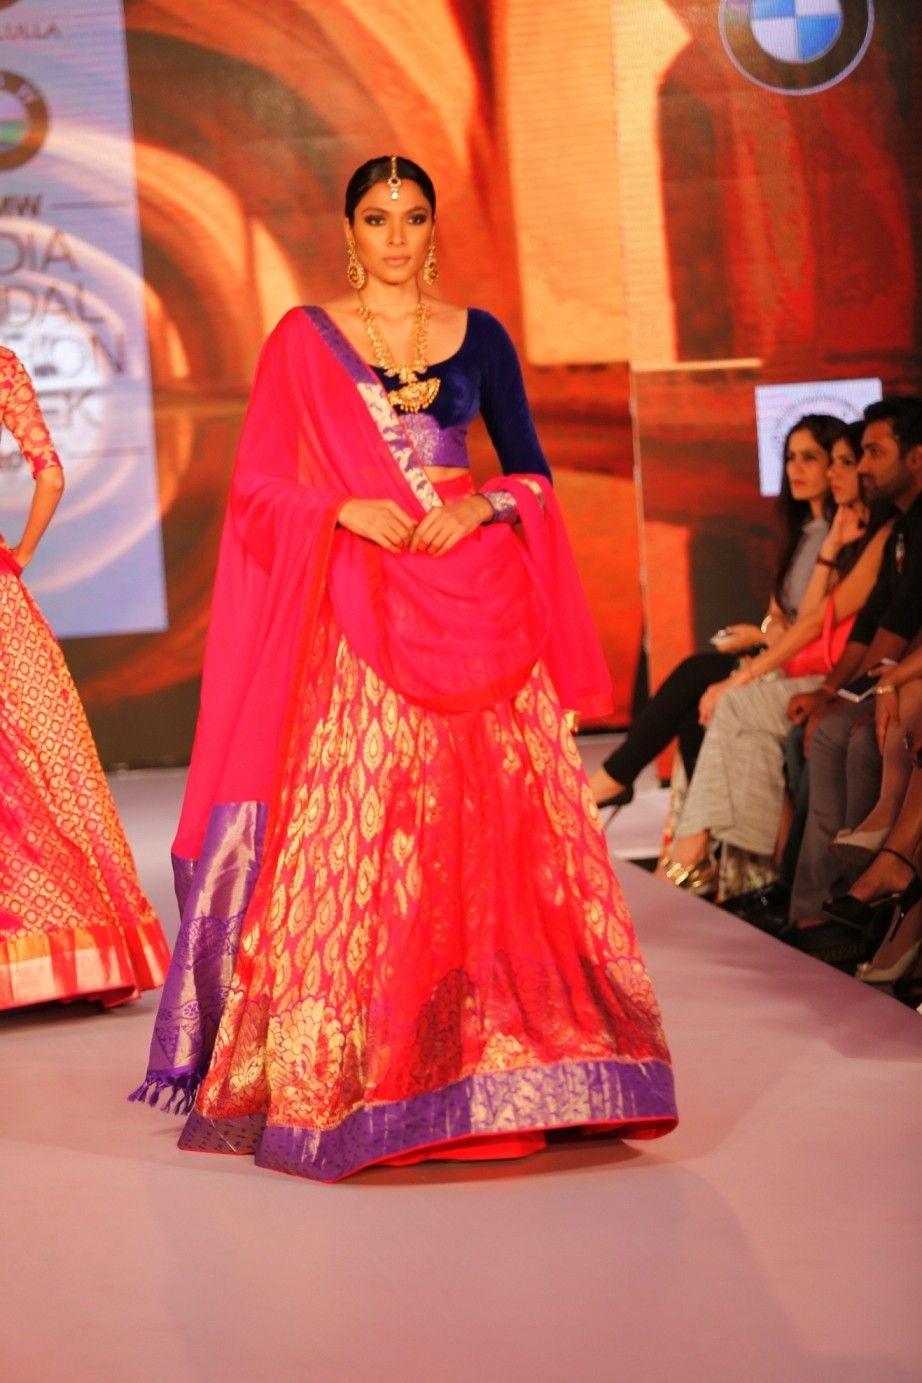 fe06be78fe7f Pink Silk Kanjivaram Lehenga With Blouse #bandbaajaa.com #weddinglehengas  #bridallehangas #shaadilehengas #designerlehengas #lehengacholi  #weddingdresses ...